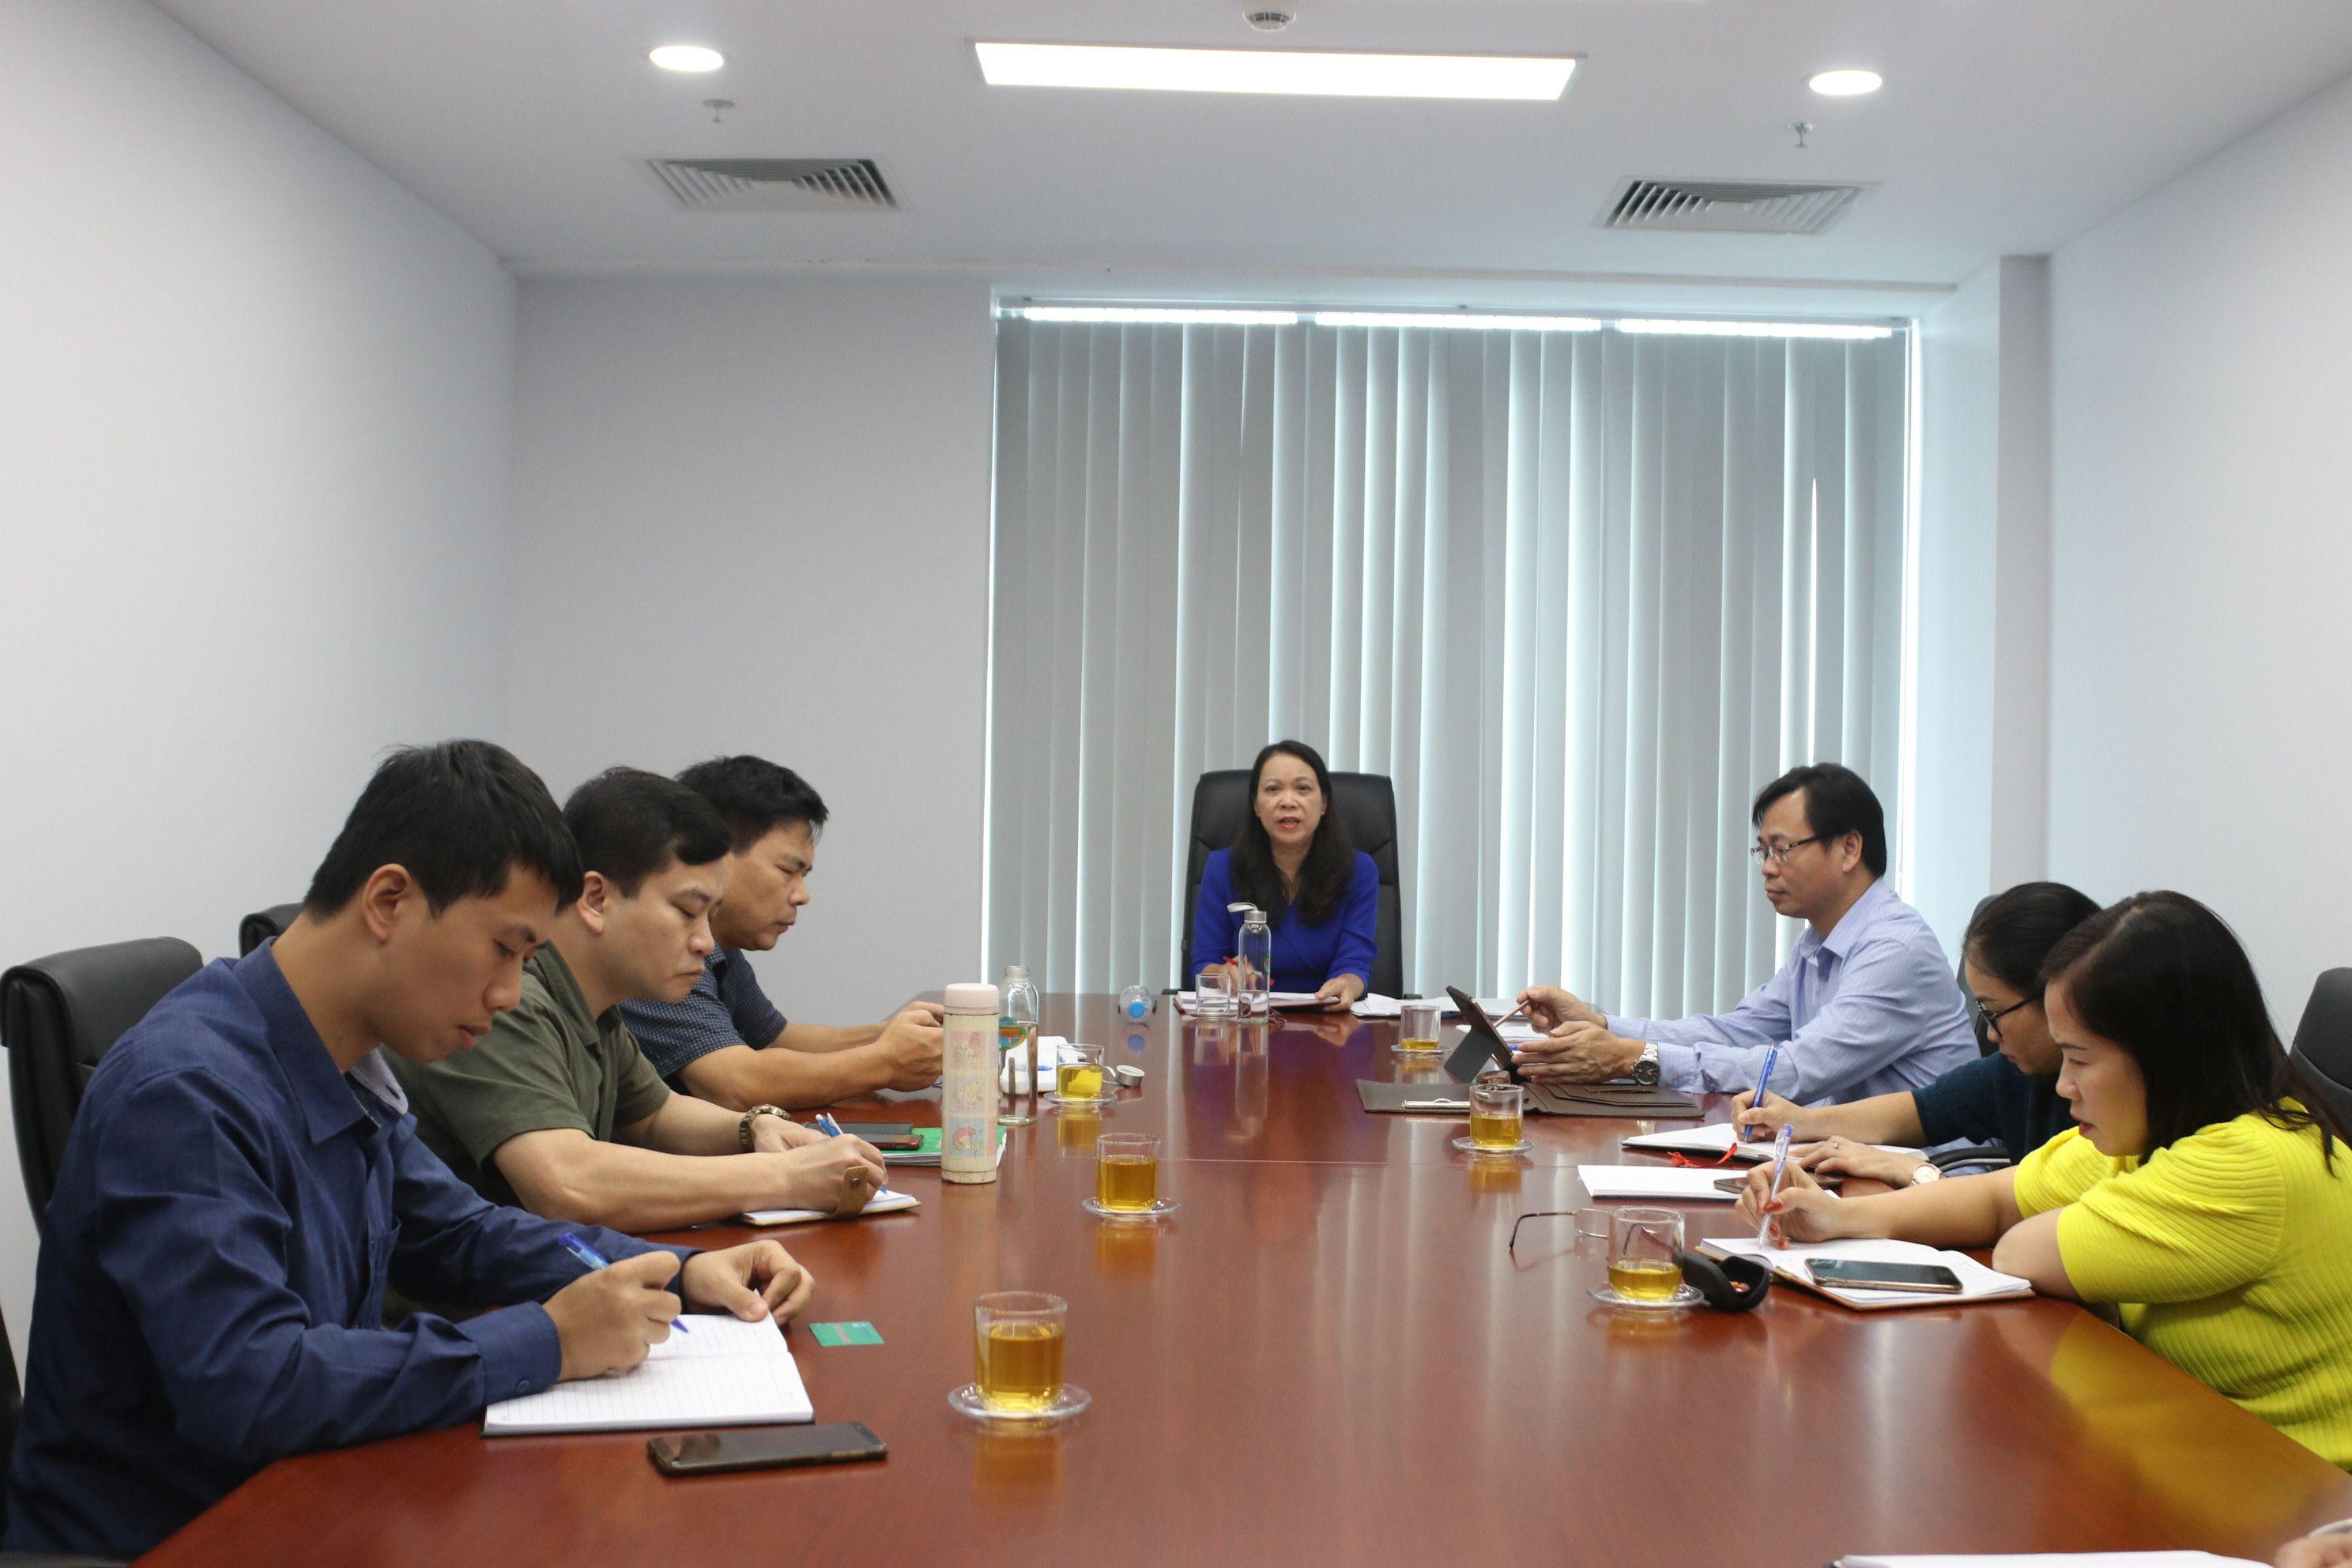 Thứ trưởng, Phó Chủ nhiệm UBDT Hoàng Thị Hạnh chủ trì buổi làm việc.